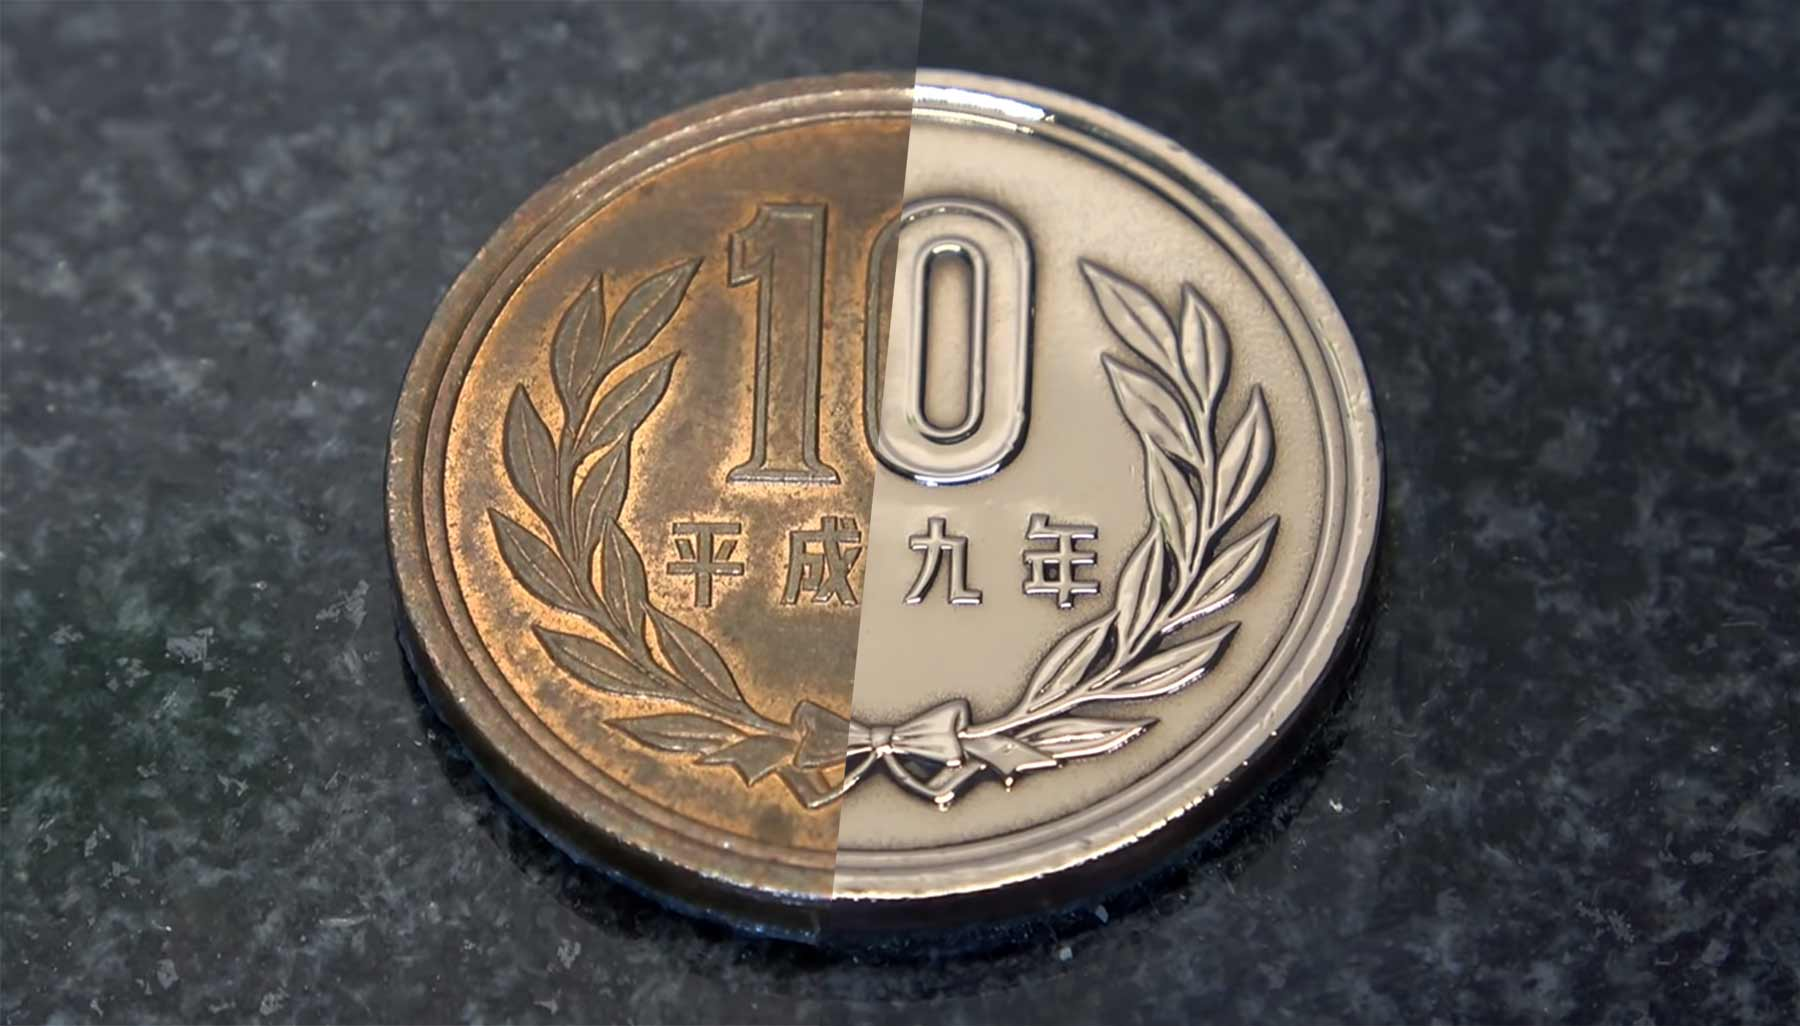 Alte Münze auf Hochglanz poliert alte-muenze-auf-hochglanz-poliert